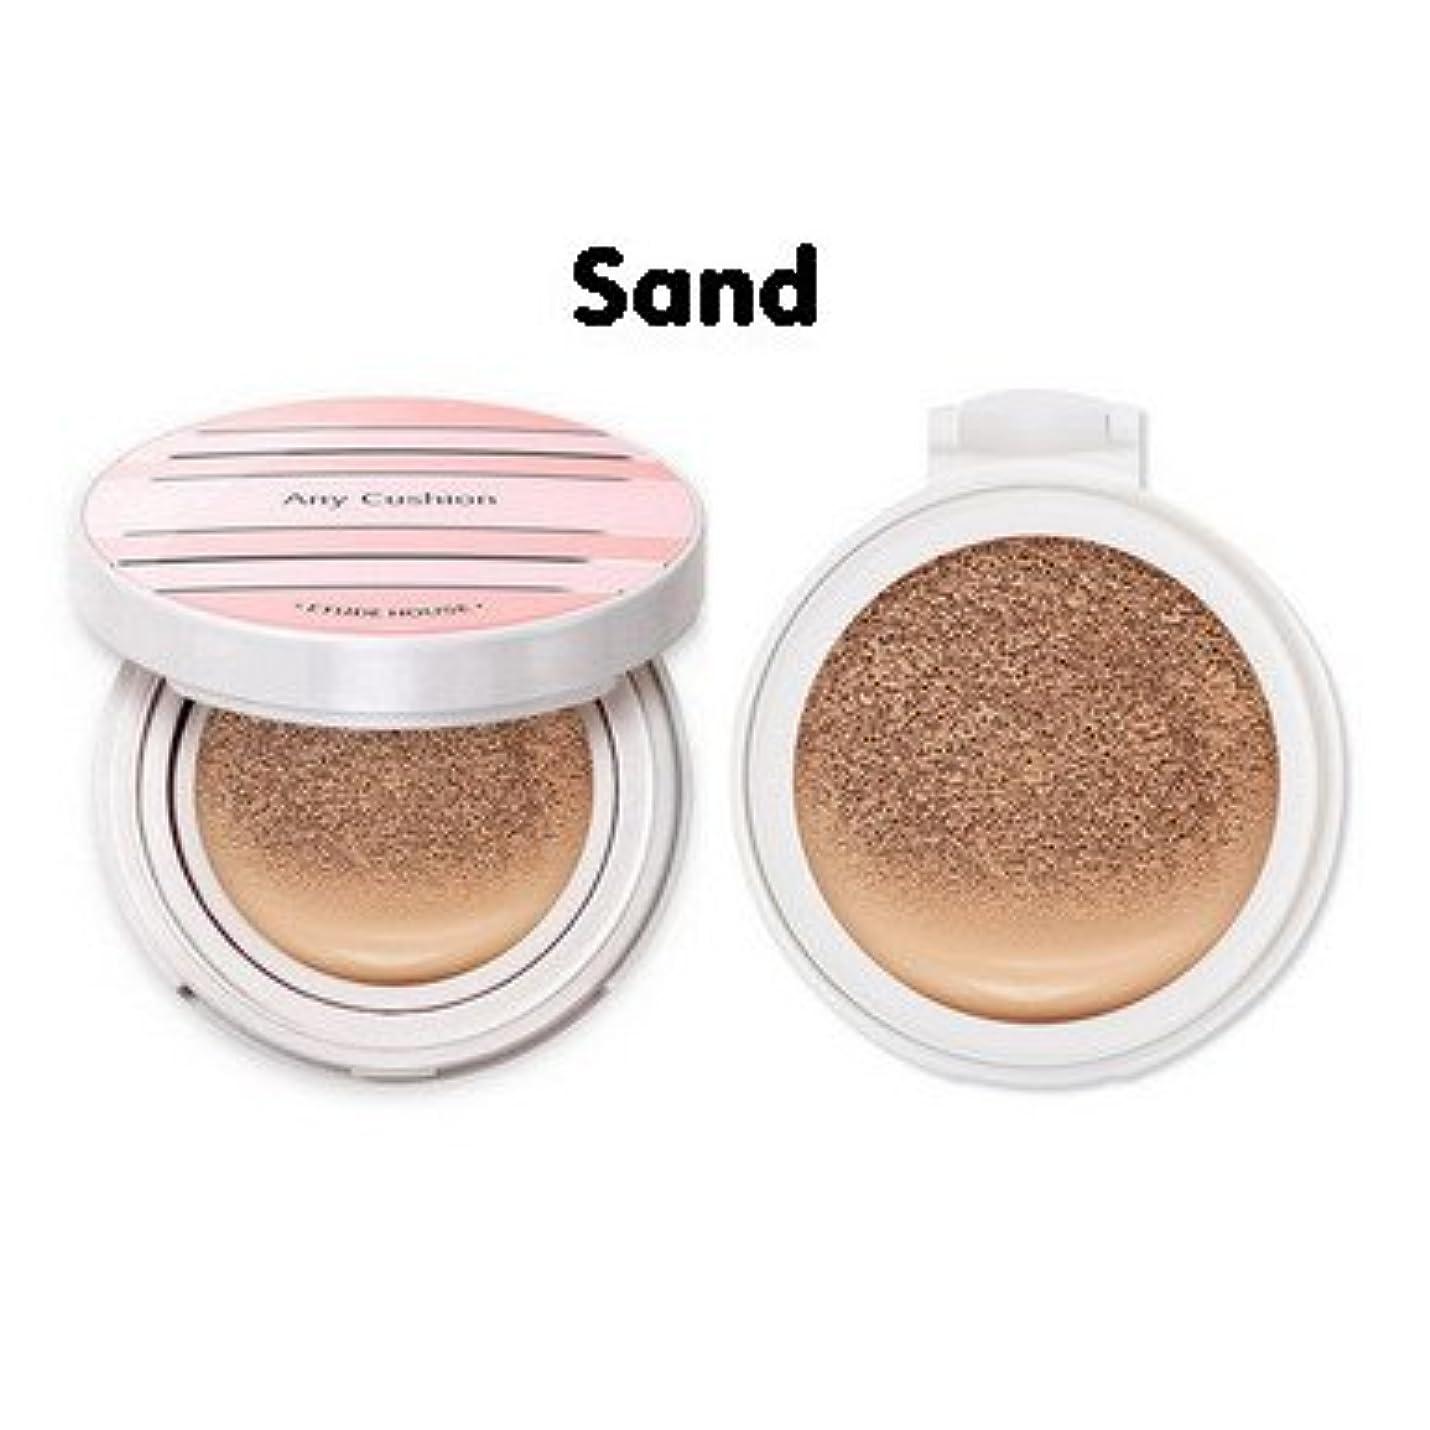 トラップ療法歴史【ETUDE HOUSE(エチュードハウス)】エニクッション オールデーパーフェクト15g+15g (本品+リフィル) (SPF50+/ PA+++) (6カラー選択1) (Sand) [並行輸入品]